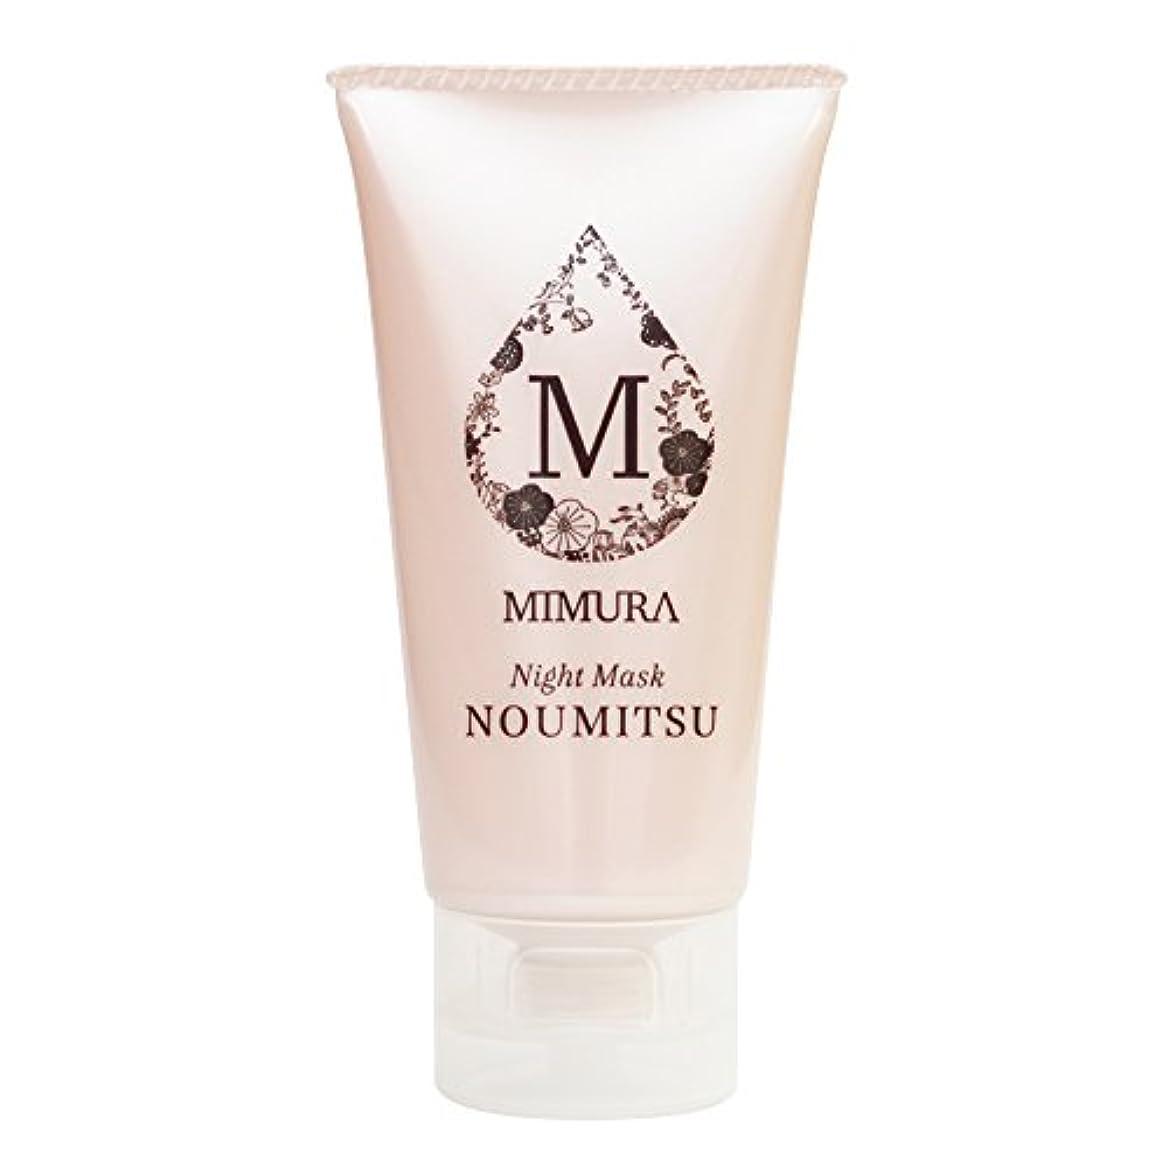 文法想像力生活ナイトケアクリーム 保湿 顔 用 ミムラ ナイトマスク NOUMITSU 48g MIMURA 乾燥肌 日本製